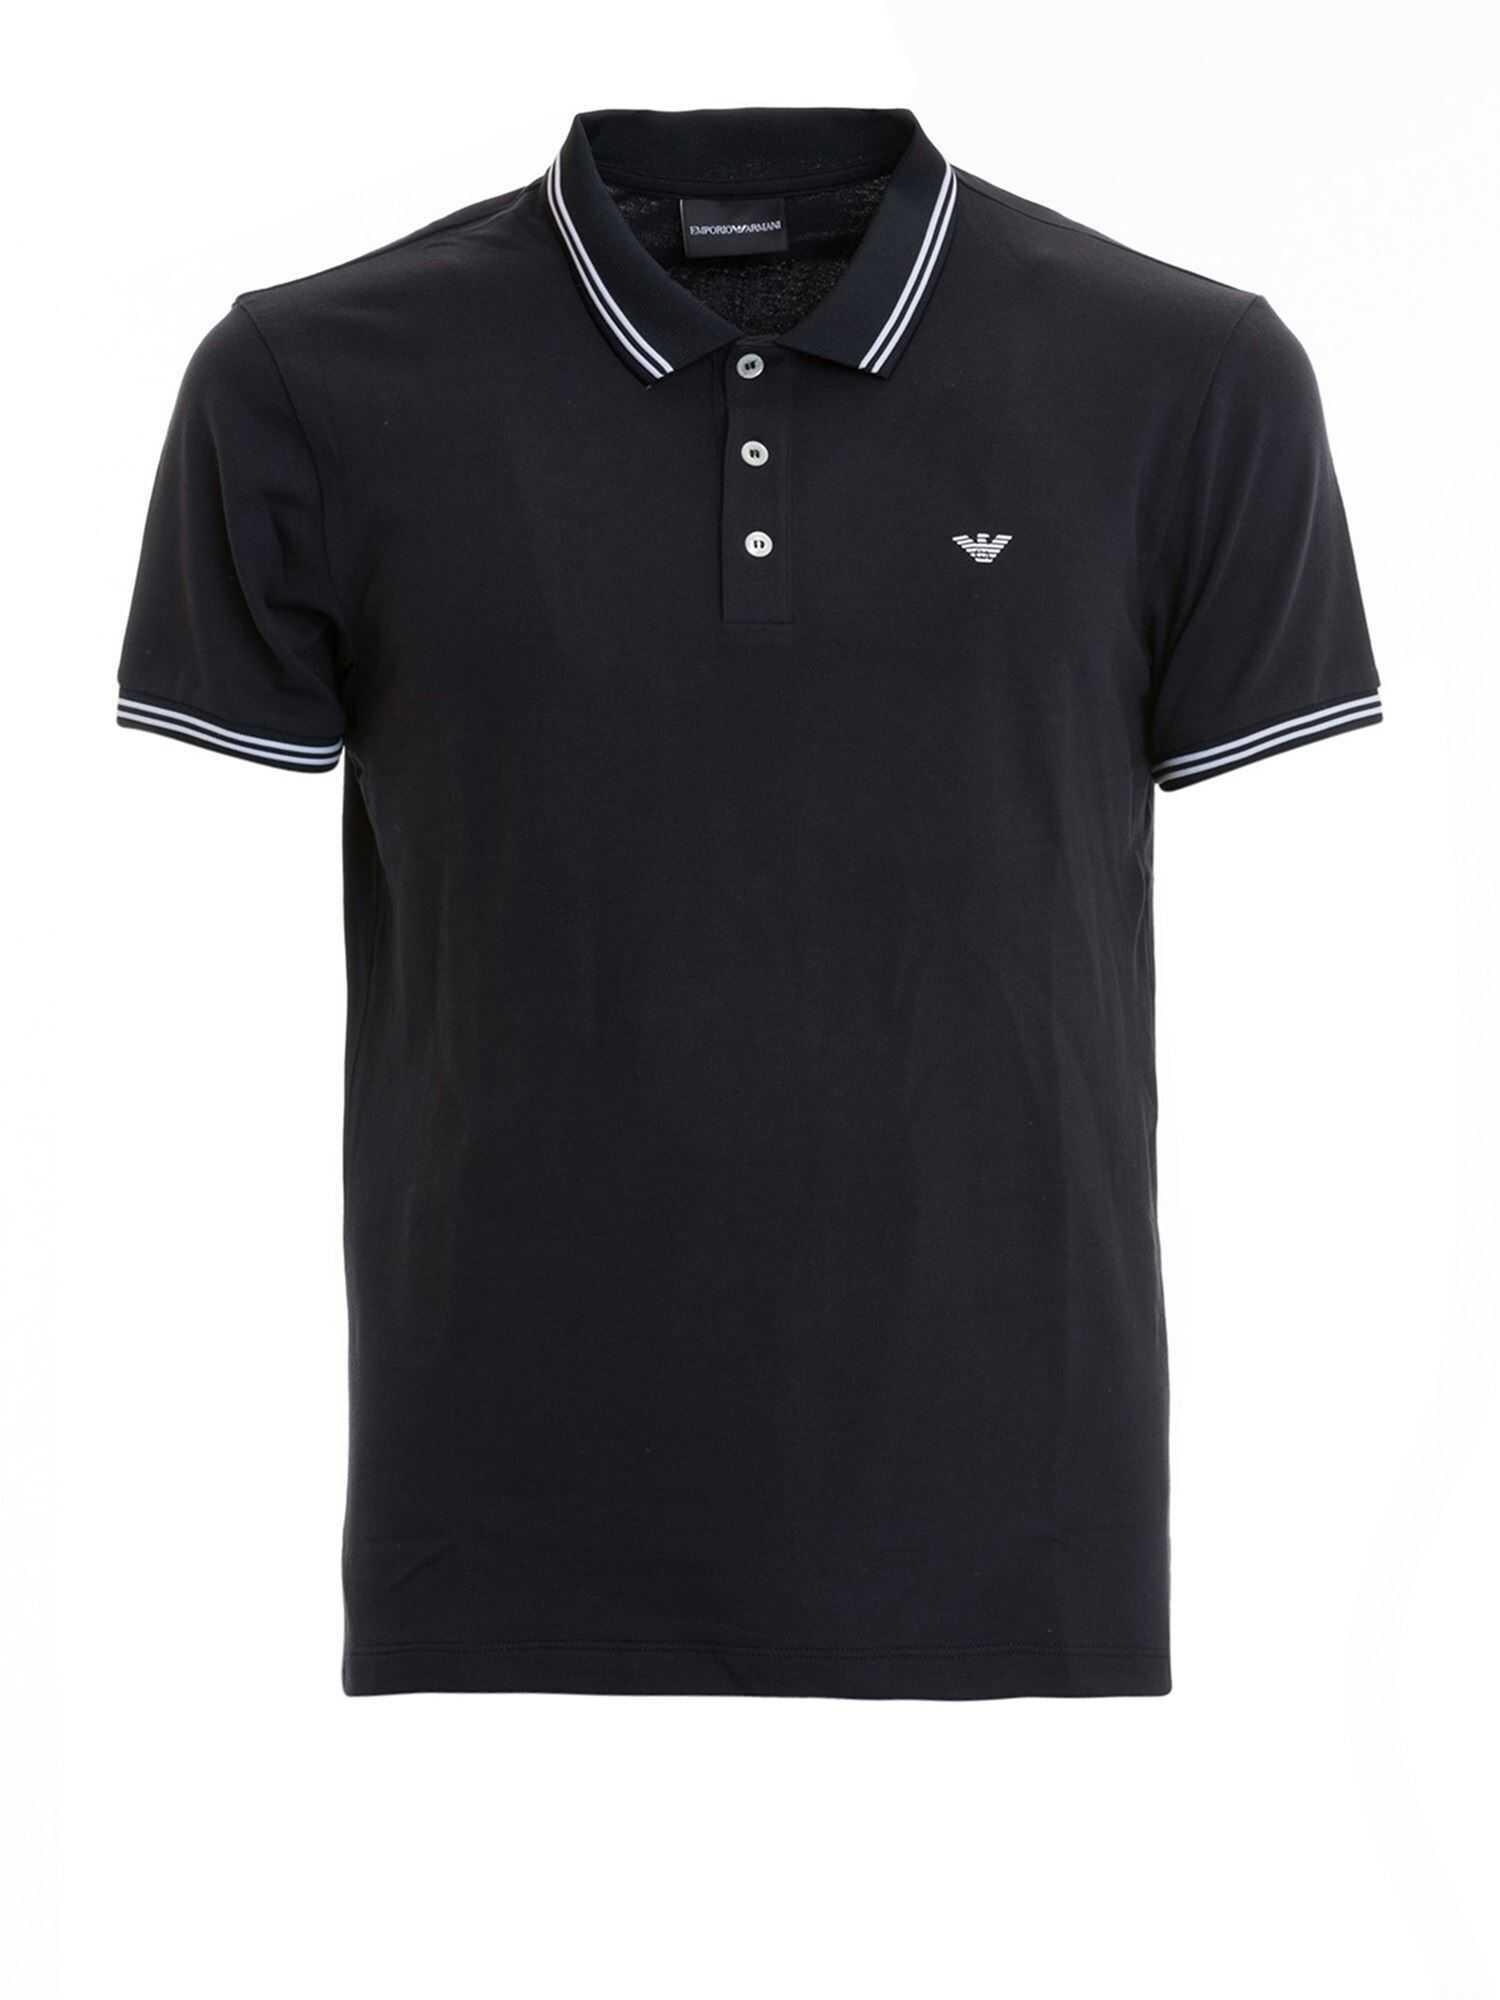 Emporio Armani Contrasting Edges Blue Polo Shirt Blue imagine